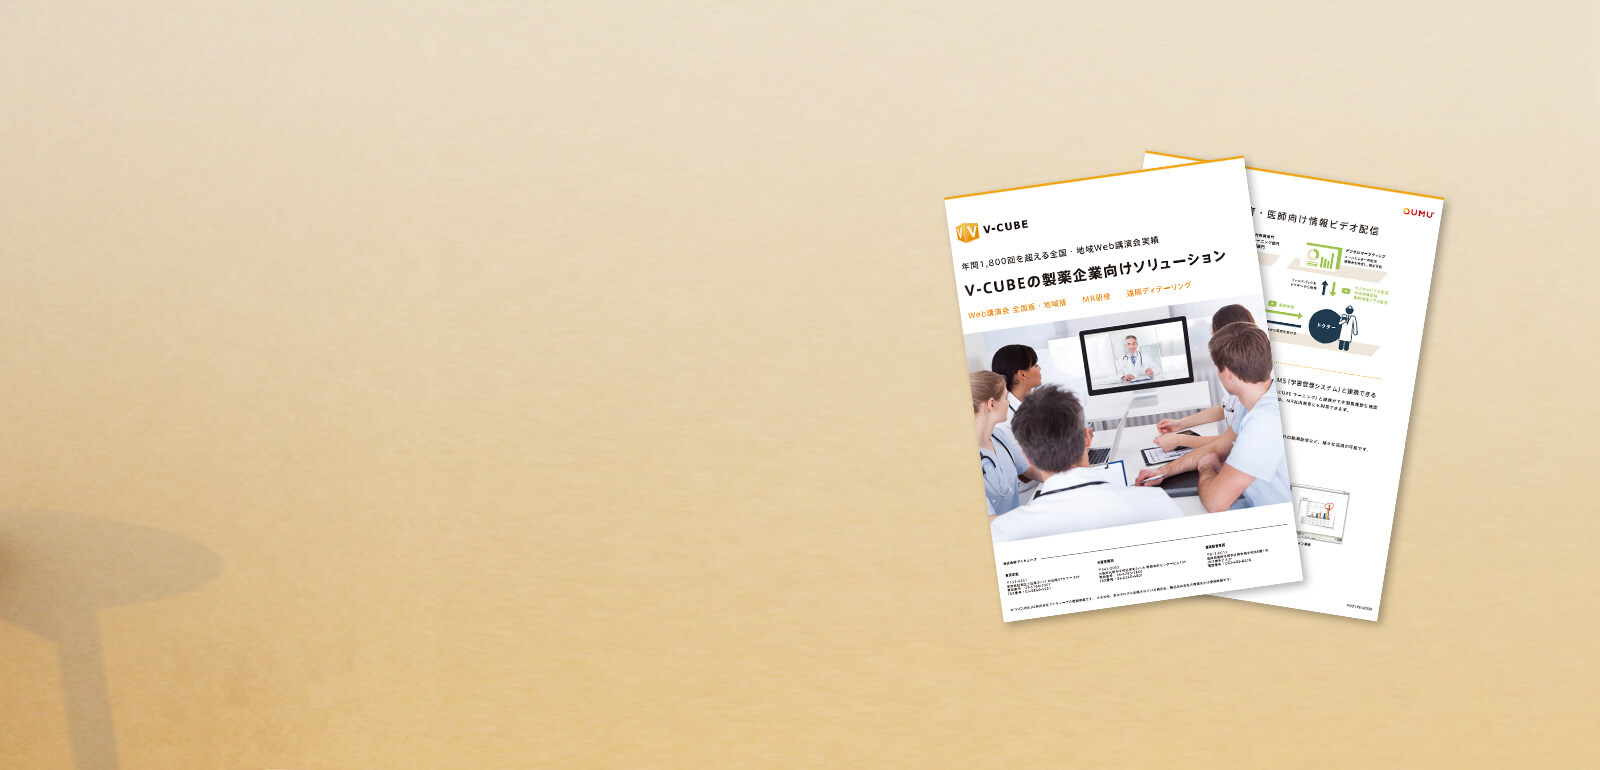 医薬品製造業 V-CUBEサービス導入事例